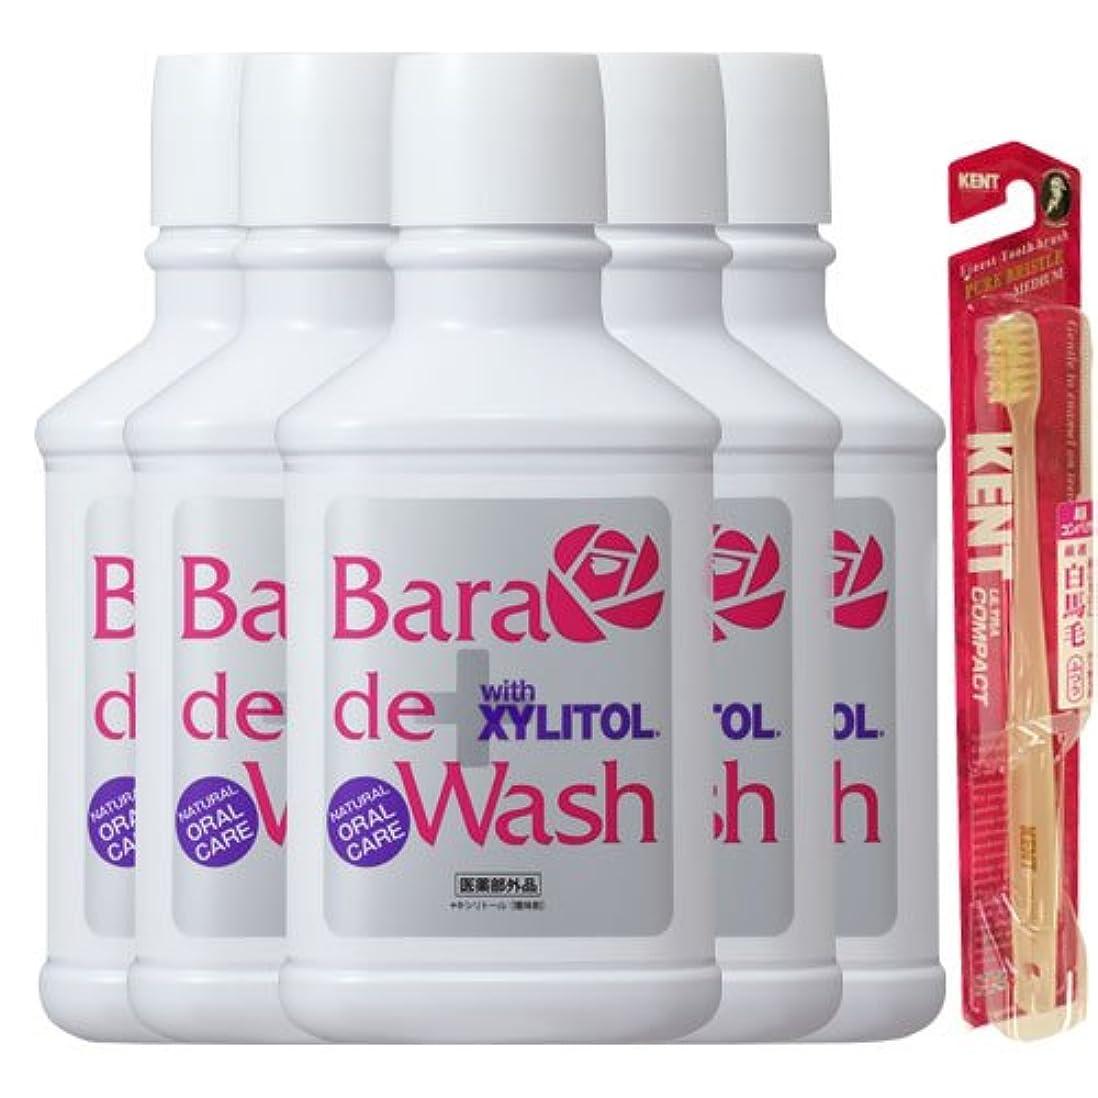 インタフェース洗う最初薬用バラデウォッシュ 500ml 5本& KENT歯ブラシ1本プレゼント